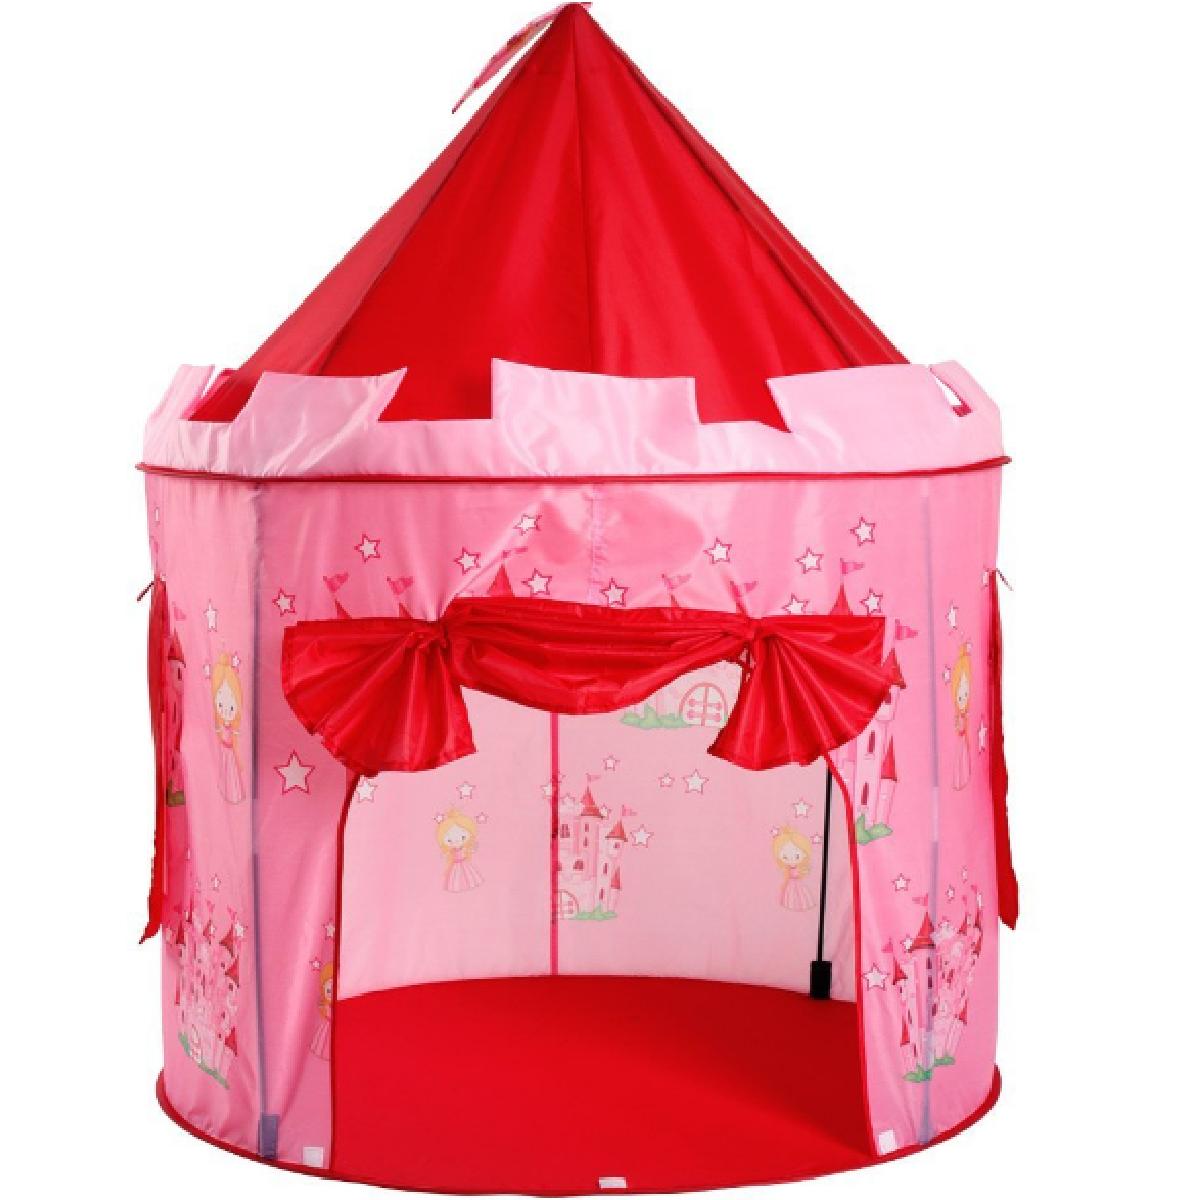 cadeaux 2 ouf id es de cadeaux insolites et originaux une tente ch teau de princesse. Black Bedroom Furniture Sets. Home Design Ideas